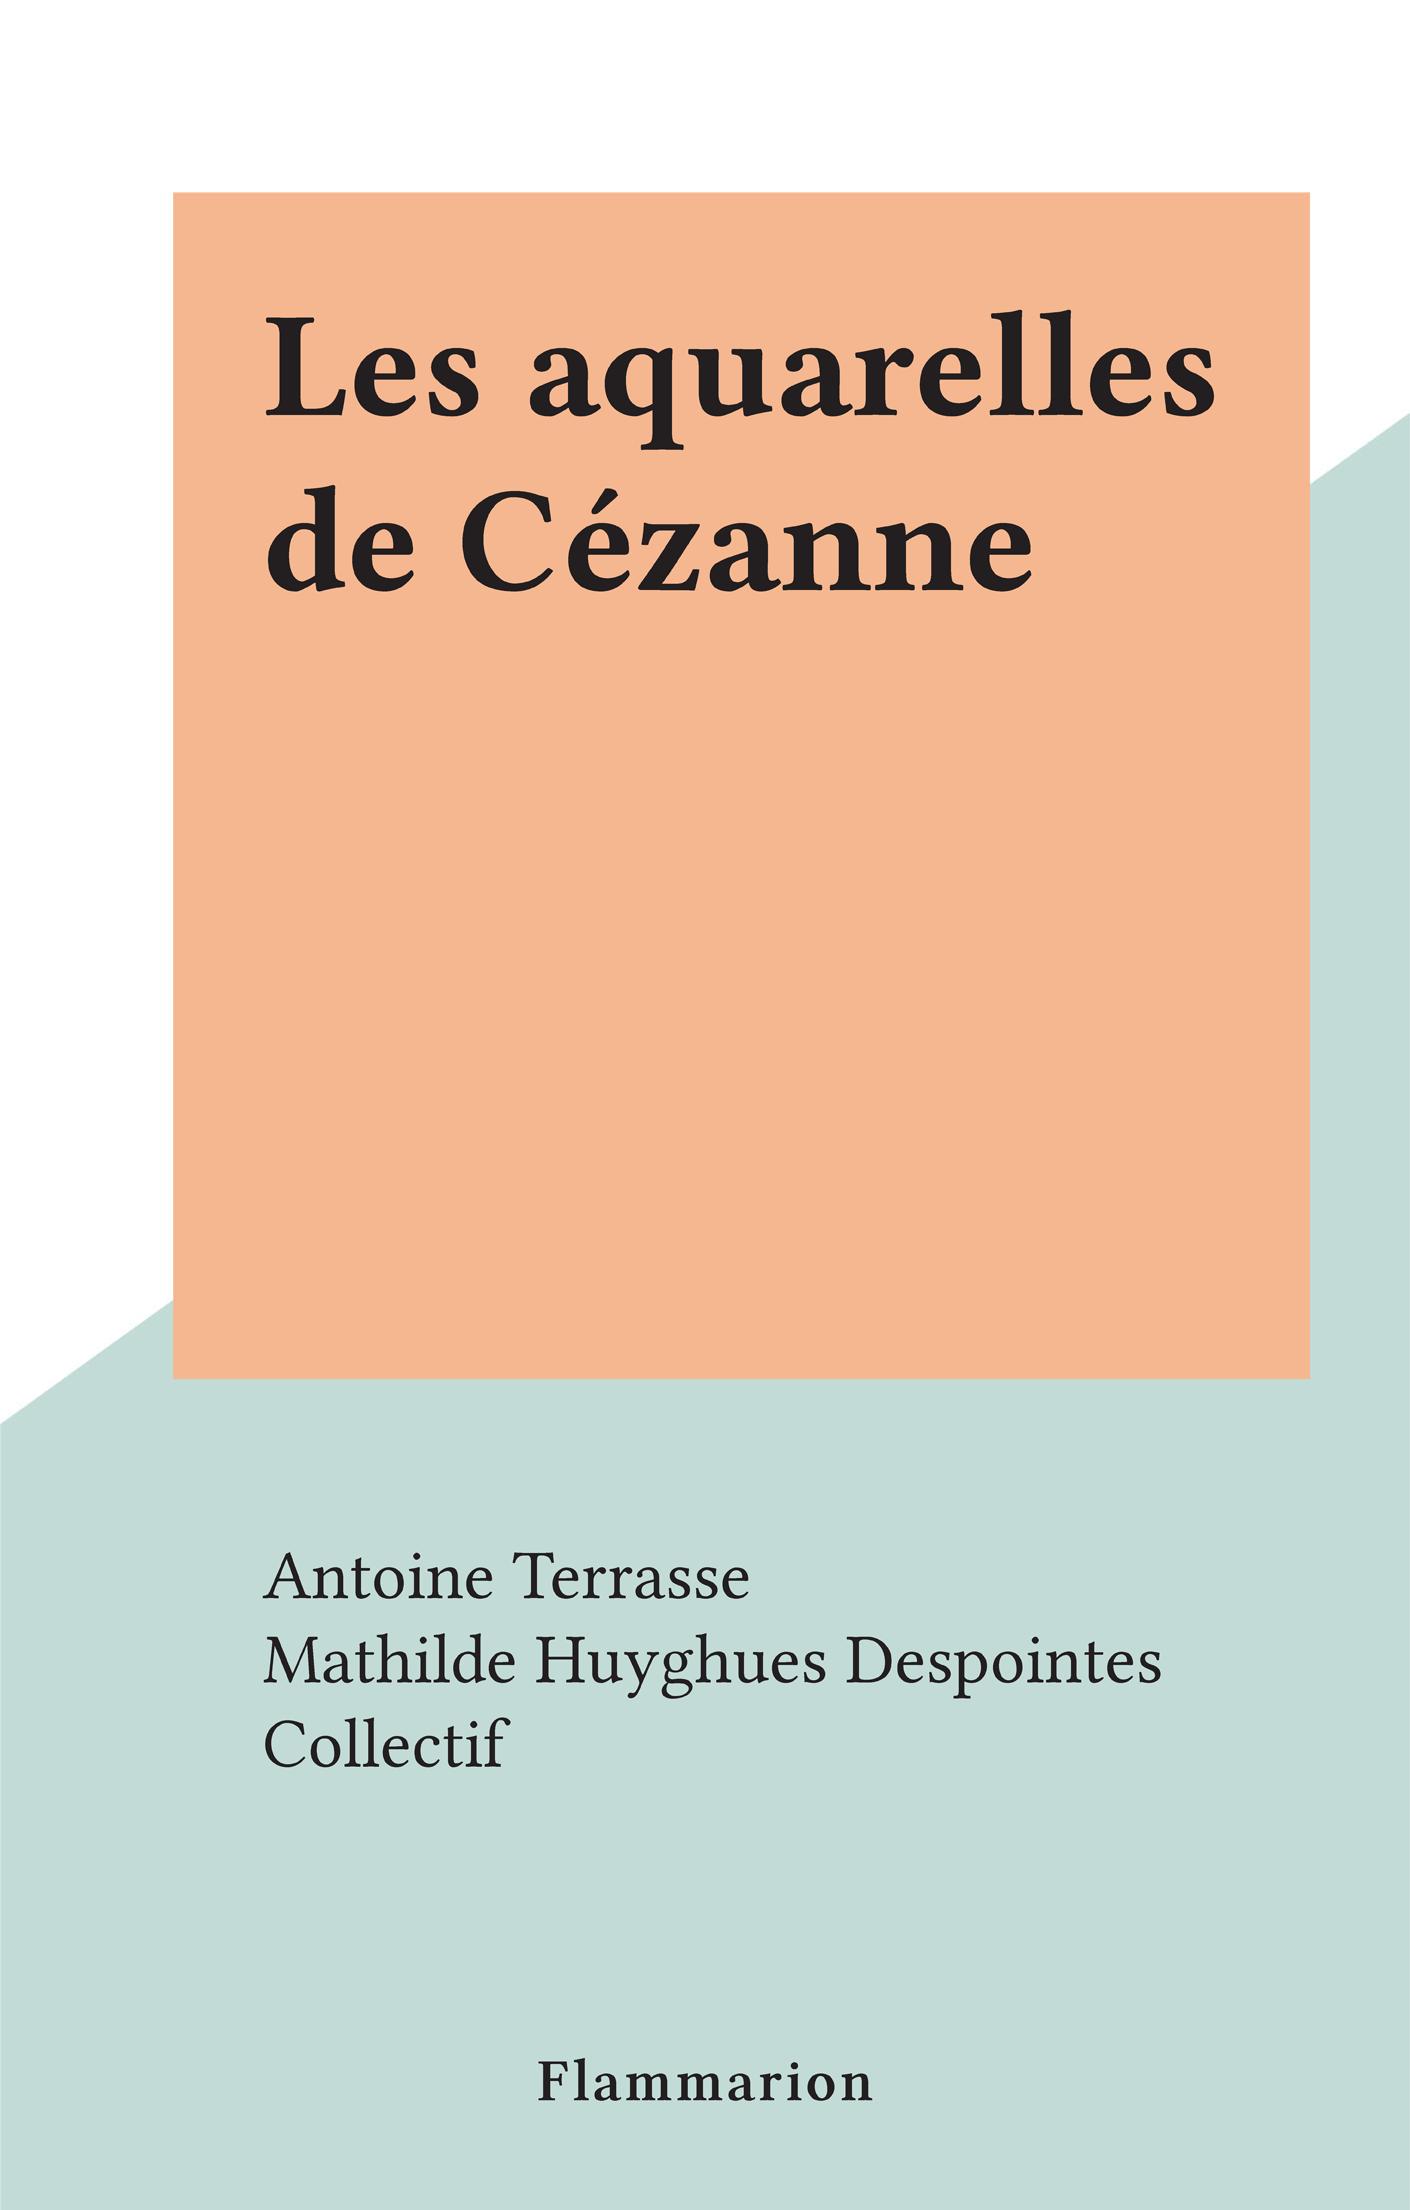 Les aquarelles de Cézanne